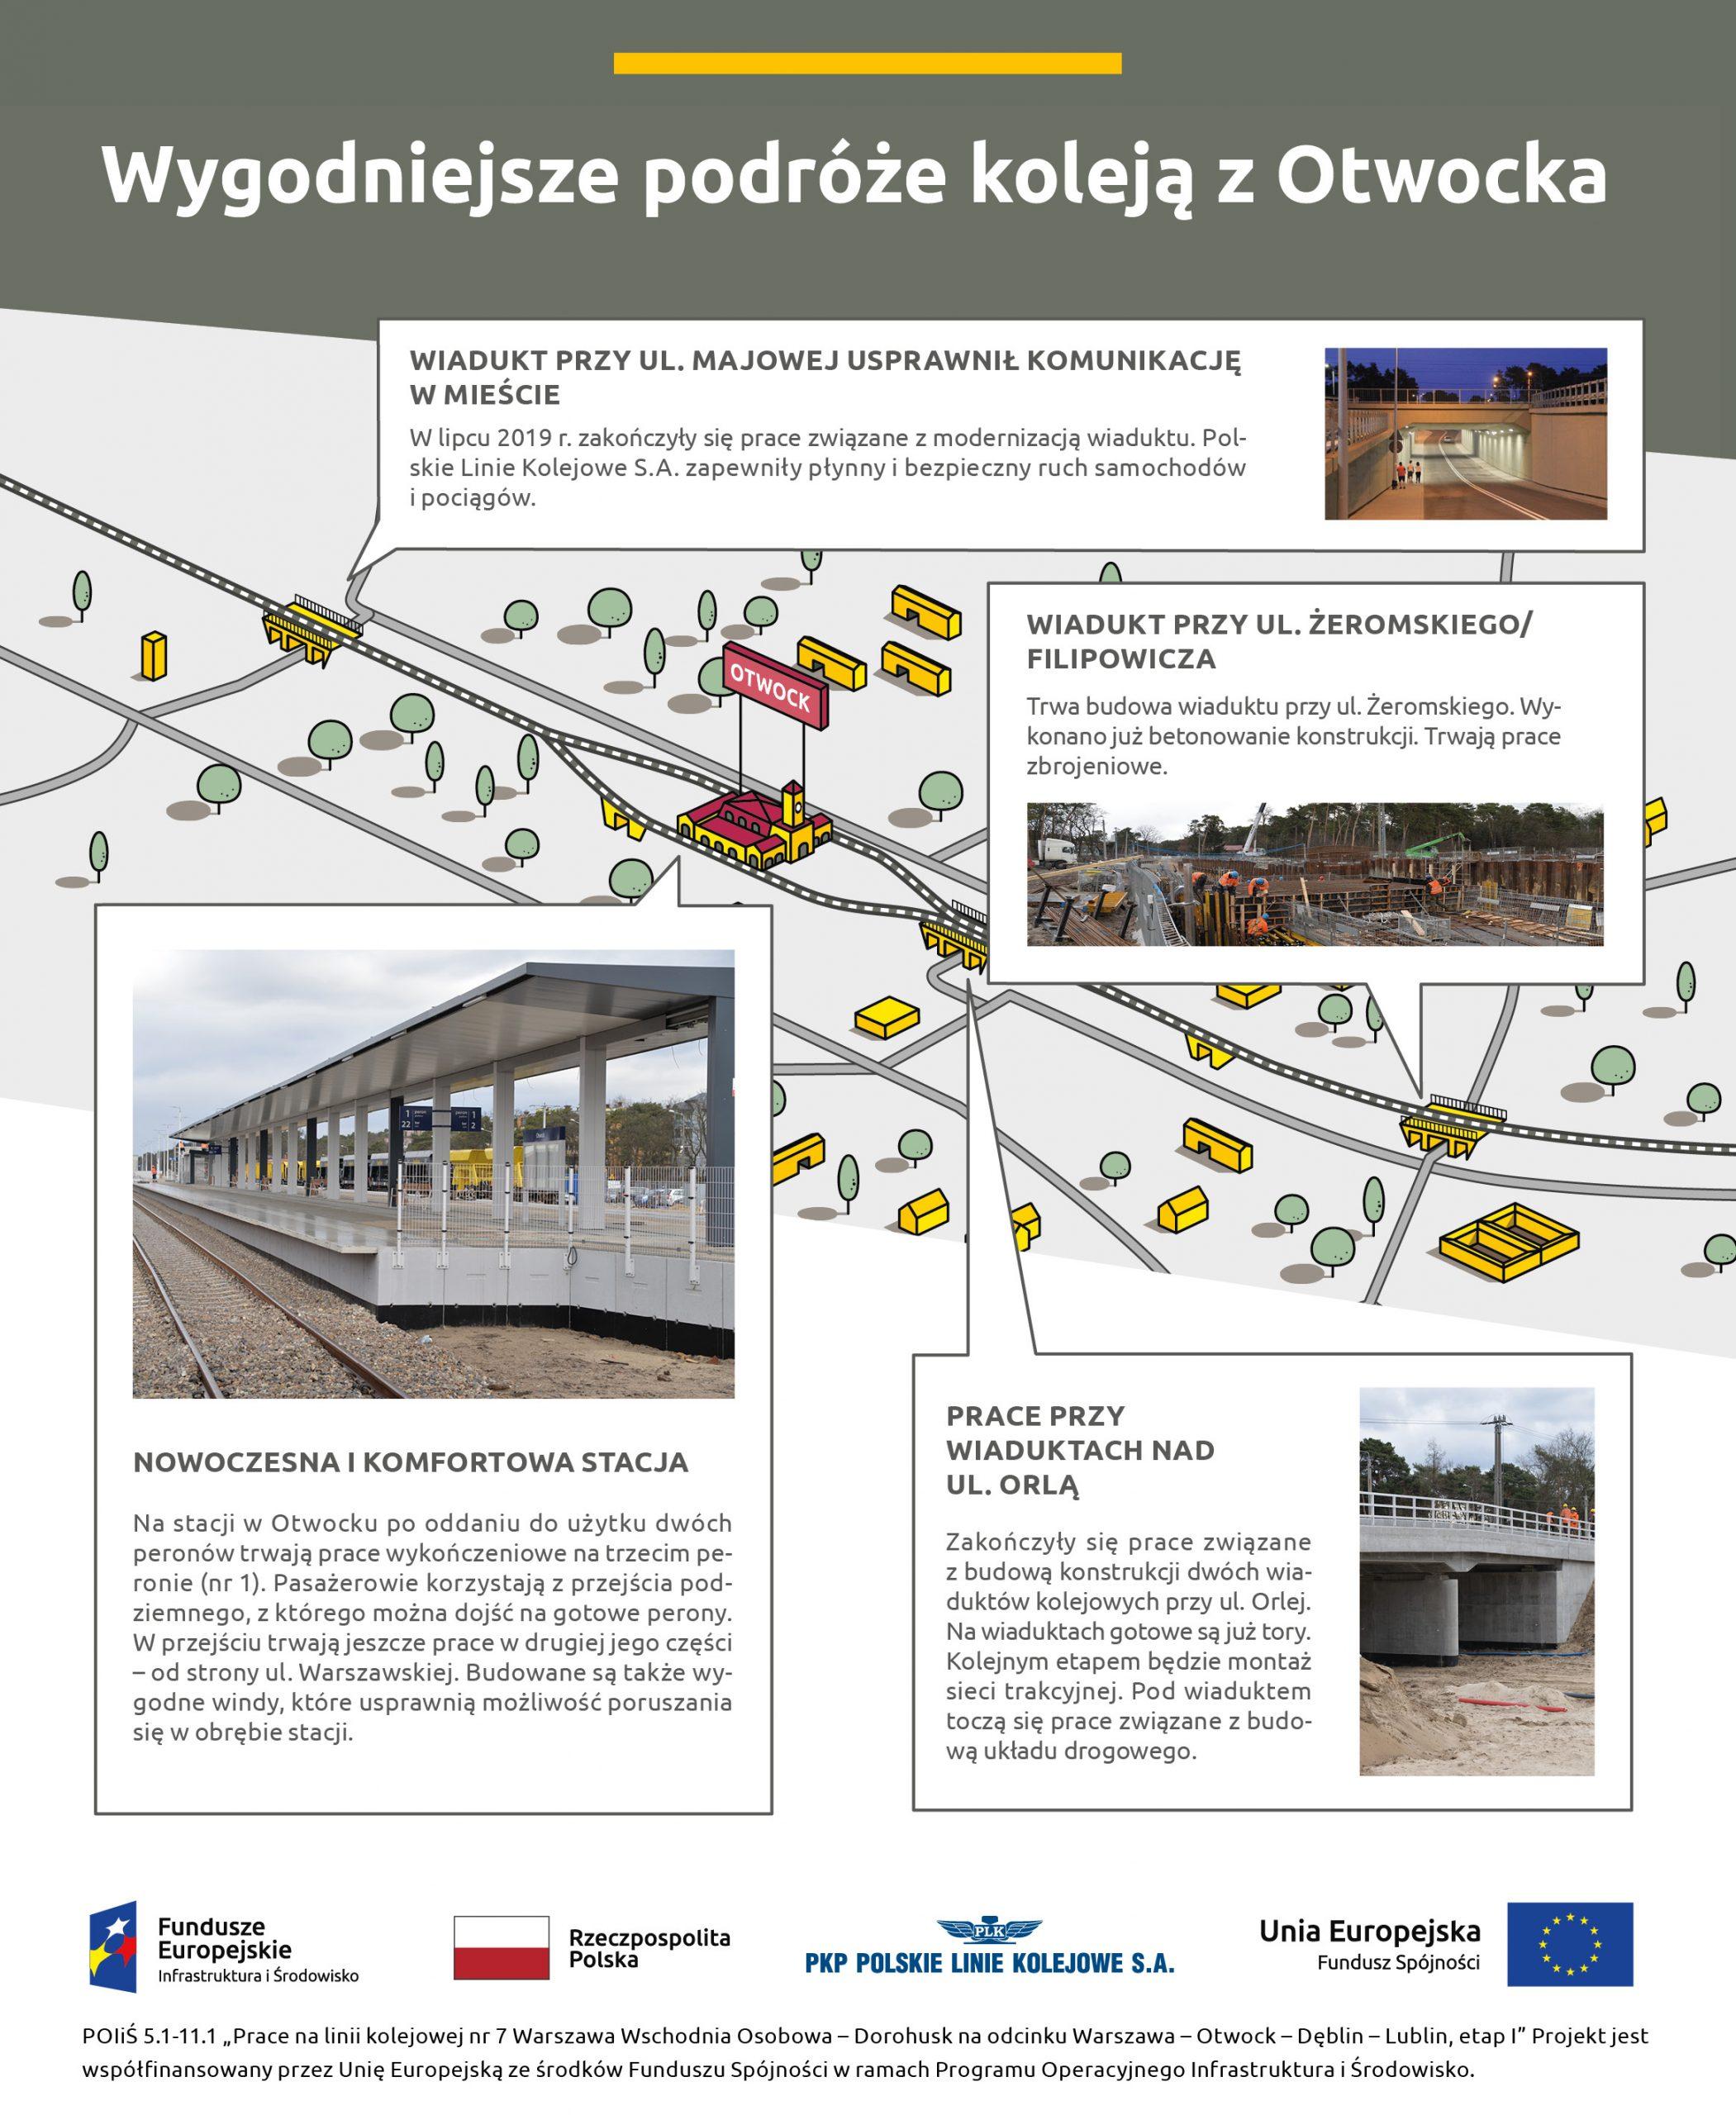 Infografika dotycząca modernizacji stacji oraz wiaduktów w Otwocku